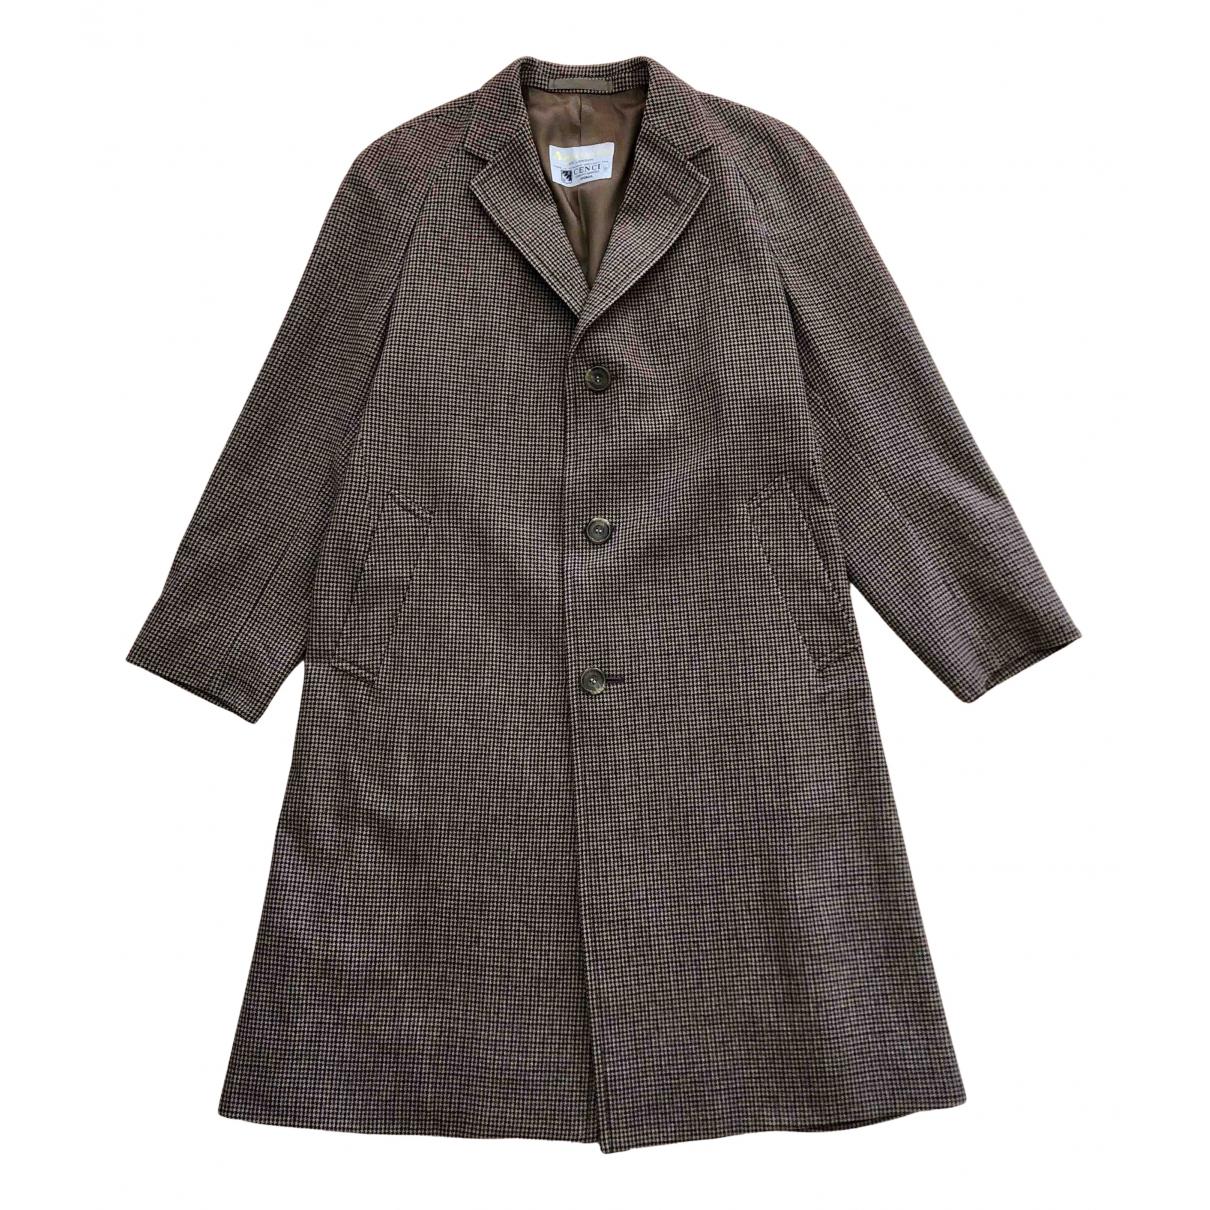 Aquascutum - Manteau   pour homme en laine - marron